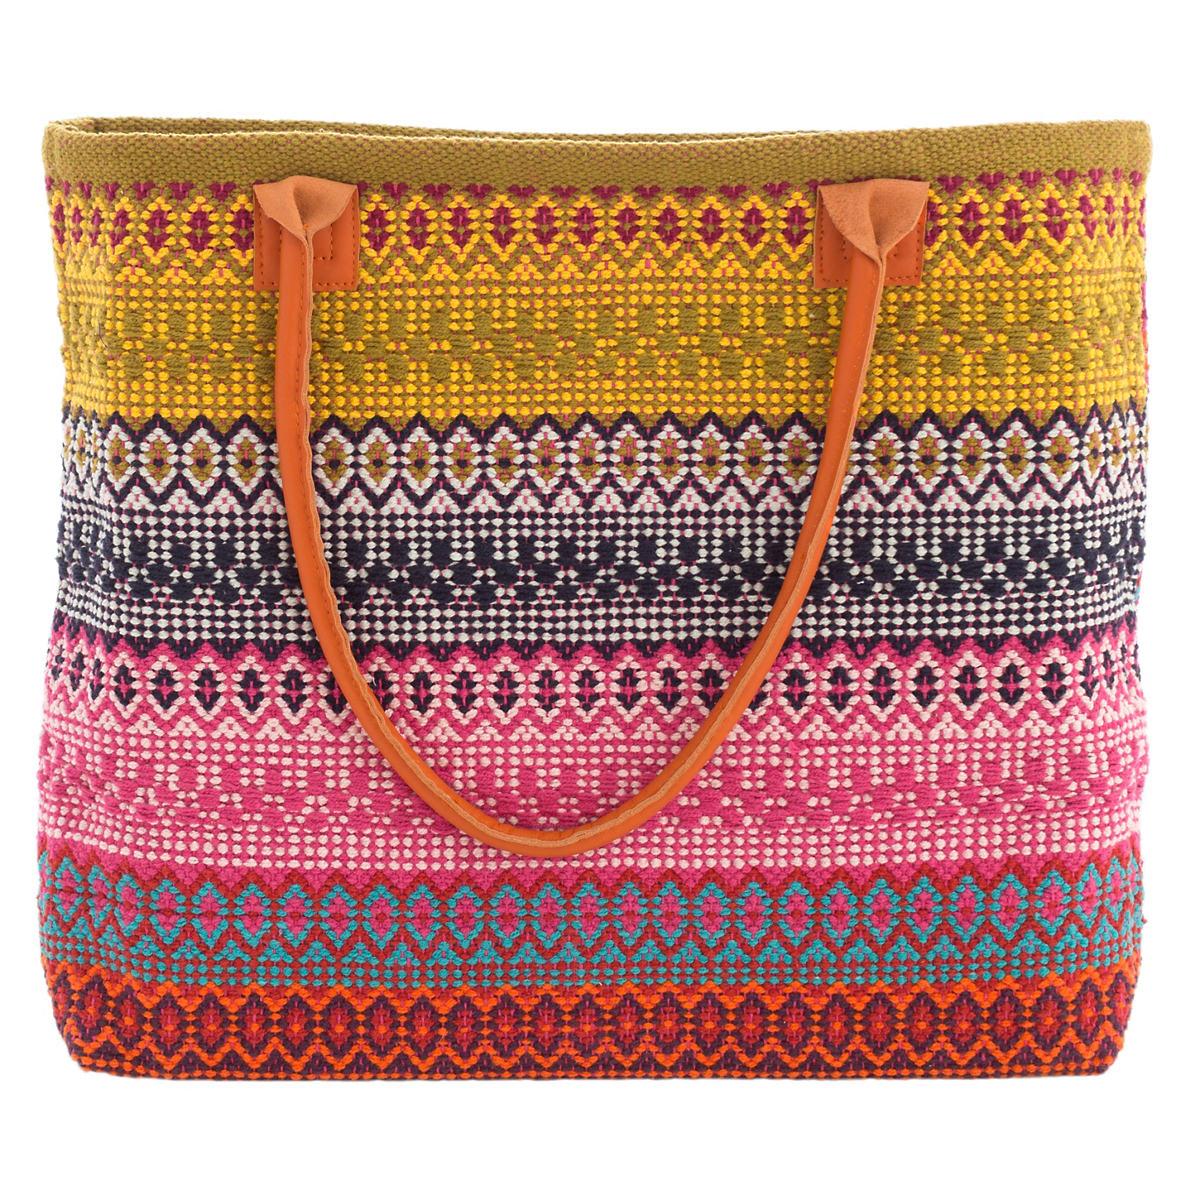 Gypsy Stripe Multi Woven Cotton Tote Bag